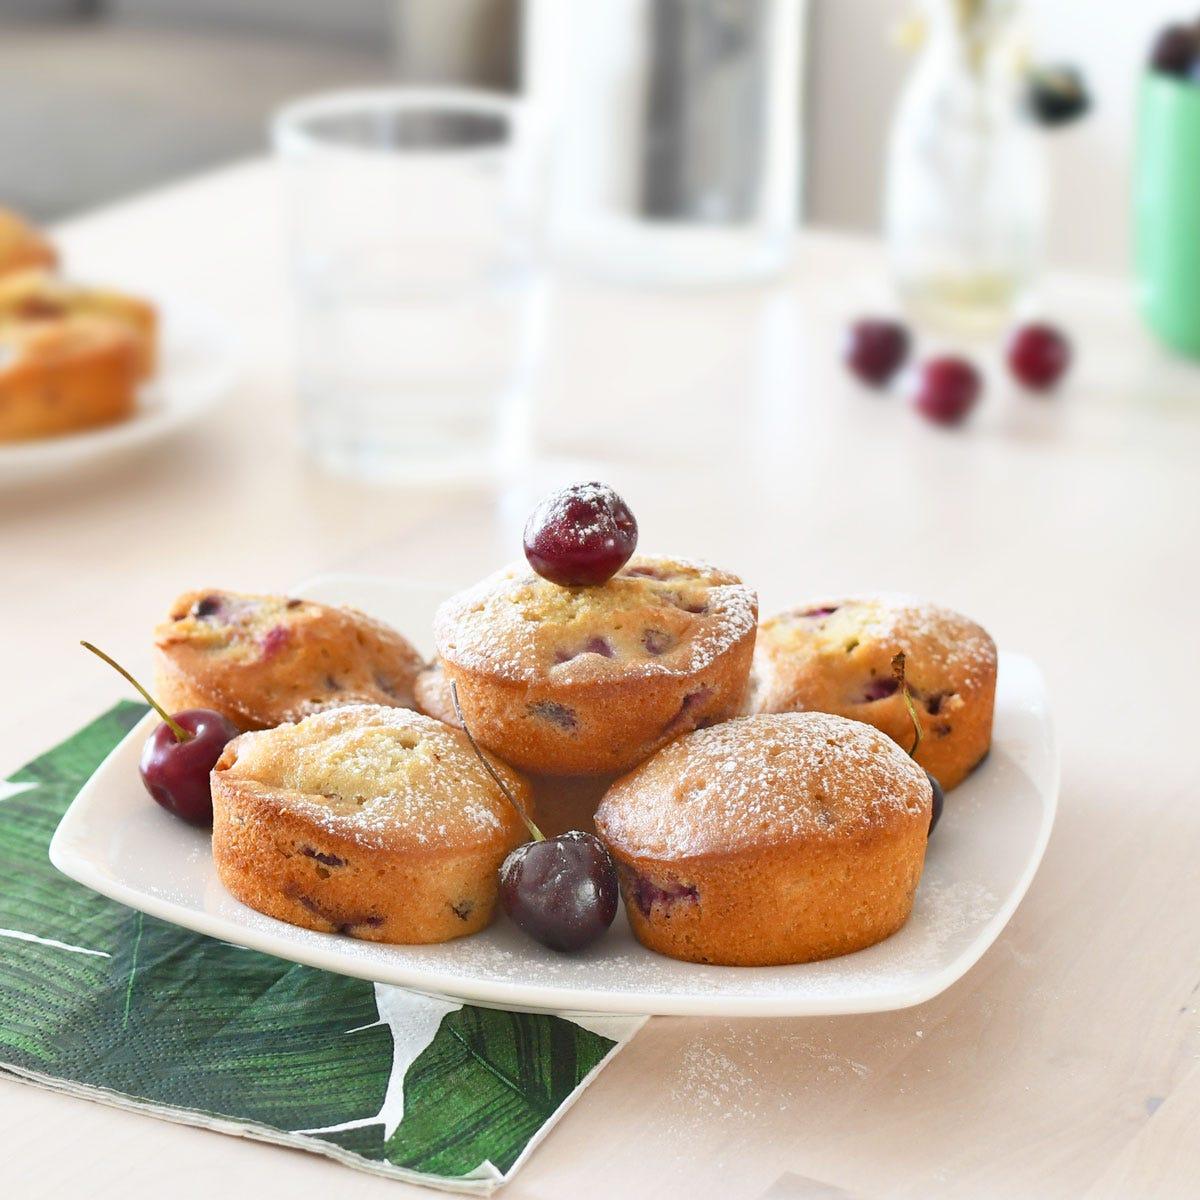 Proprio come le ciliegie, anche questi muffin uno tirano l'altro.